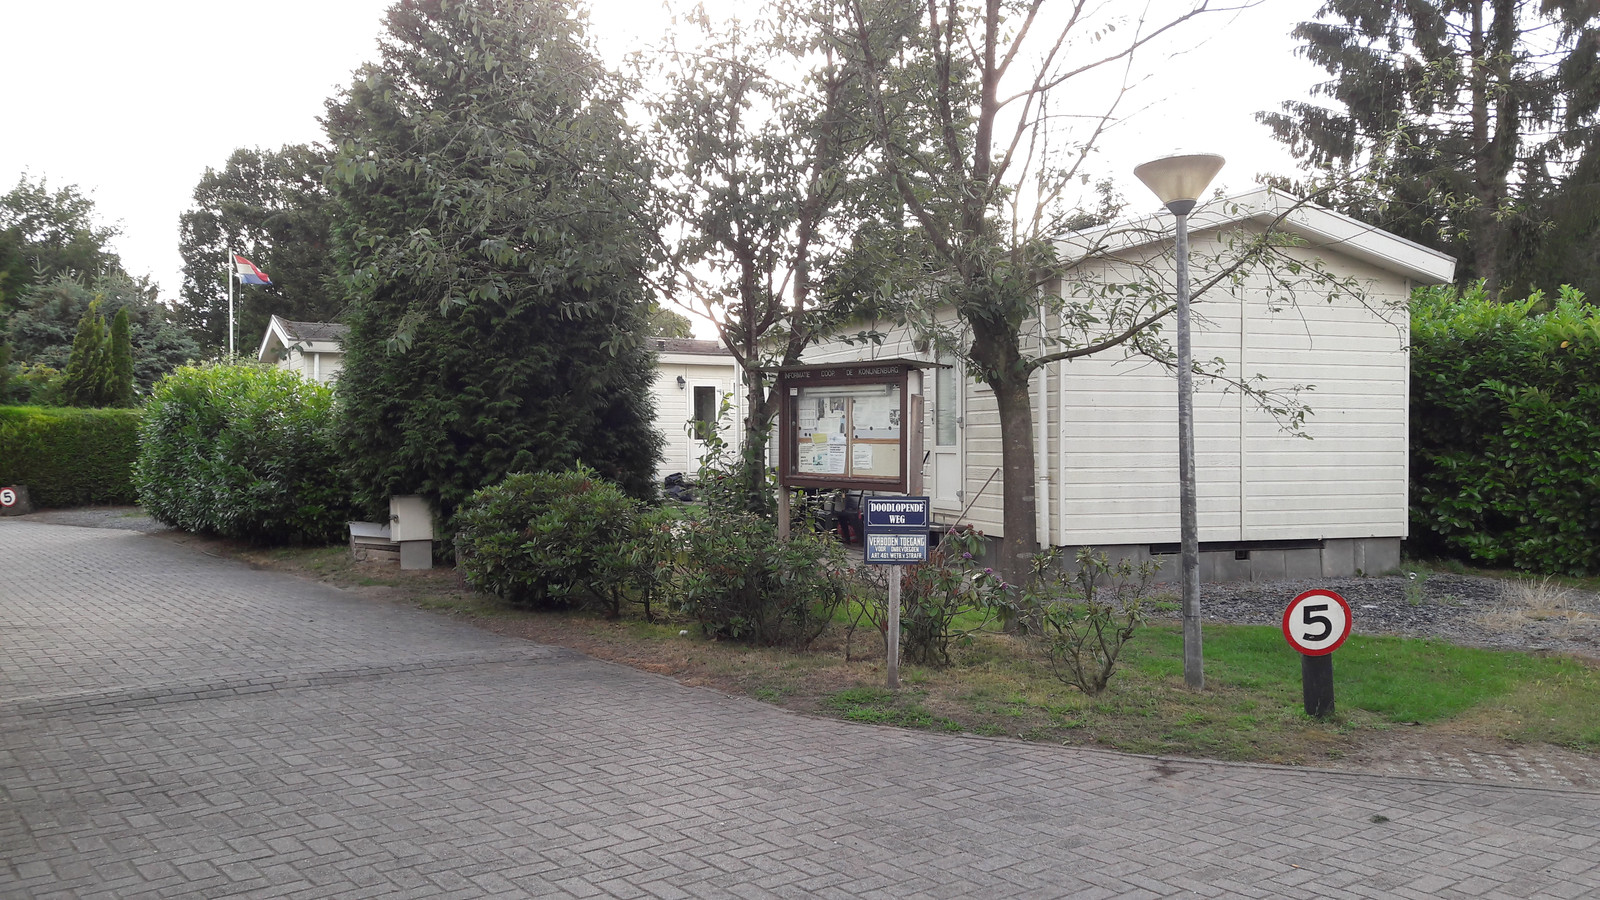 Recreatiebungalows worden niet altijd gebruikt voor recreatie, maar ook voor permanente bewoning. In het programma Vitale Vakantieparken wordt dat probleem aangepakt, niet alleen zoals hier op de Veluwe maar ook in het Vechtdal.